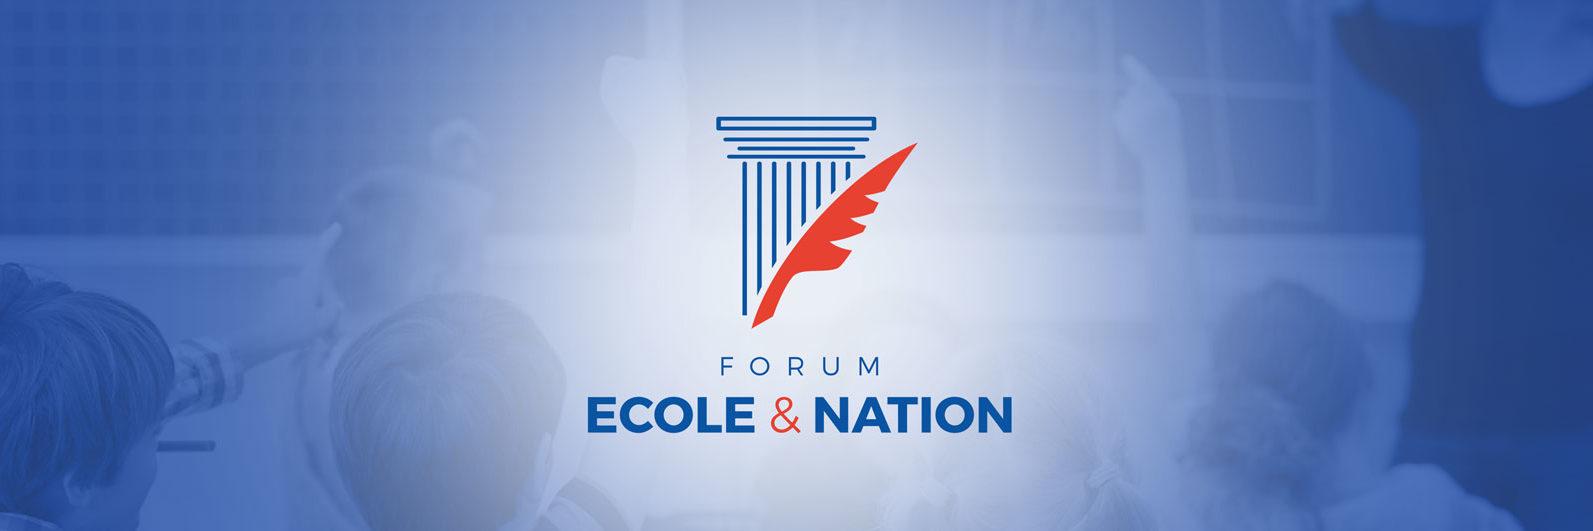 Ecole & Nation